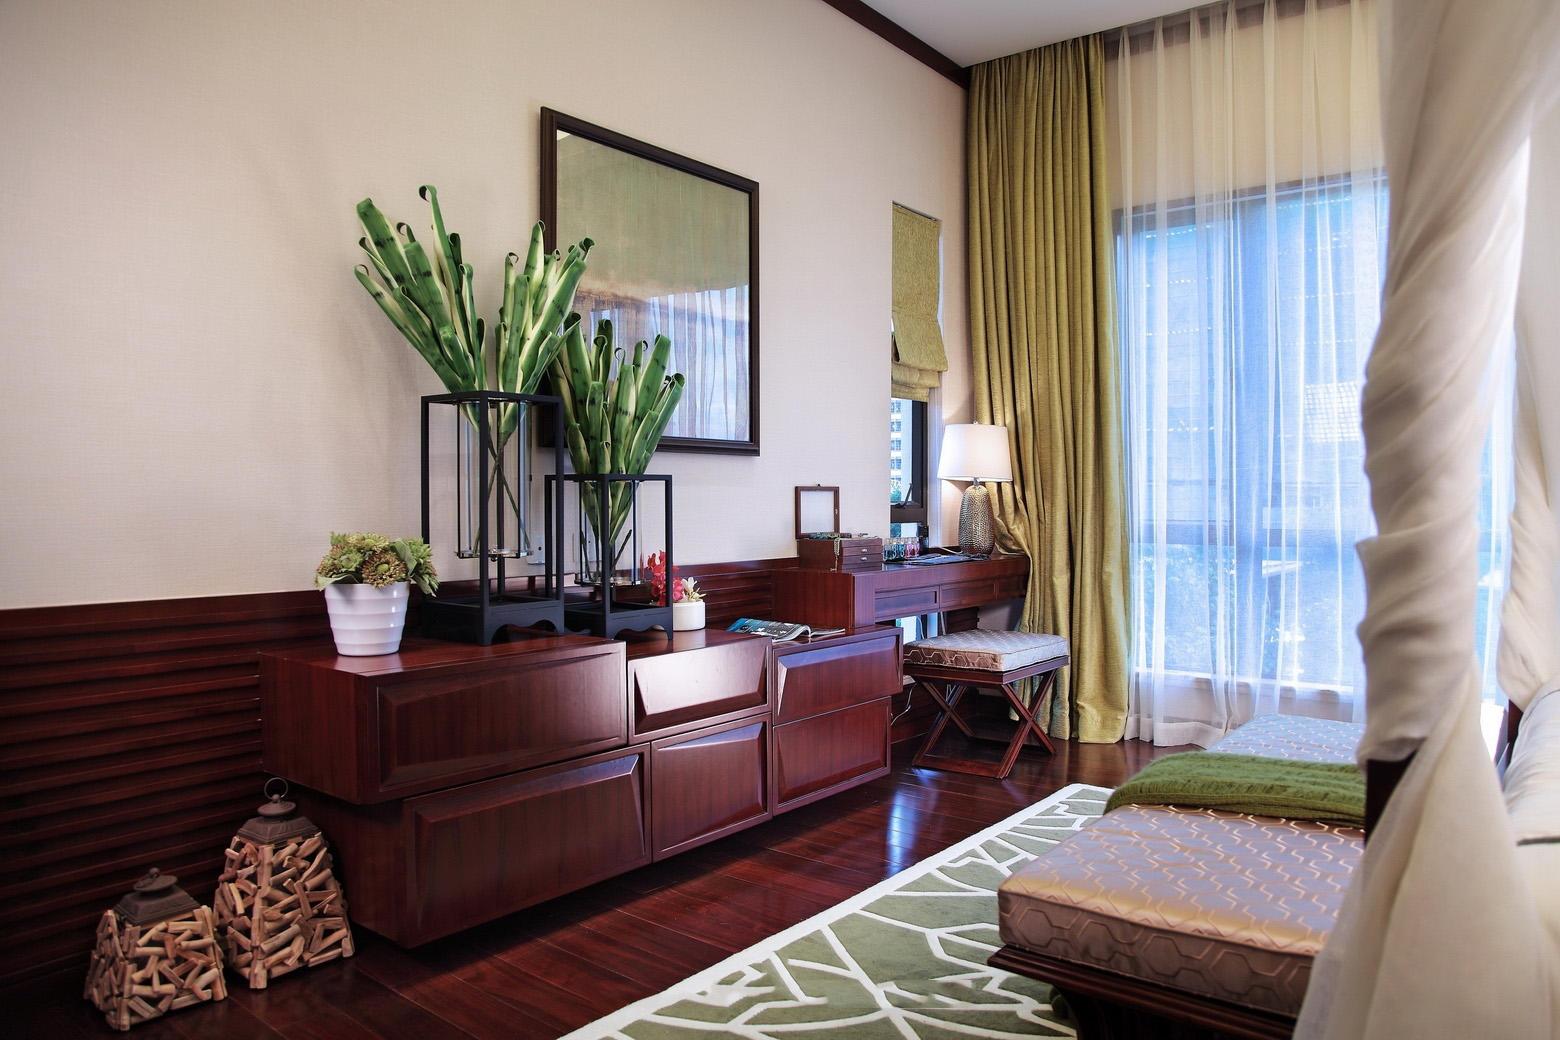 复古东南亚装修卧室梳妆台装潢效果图